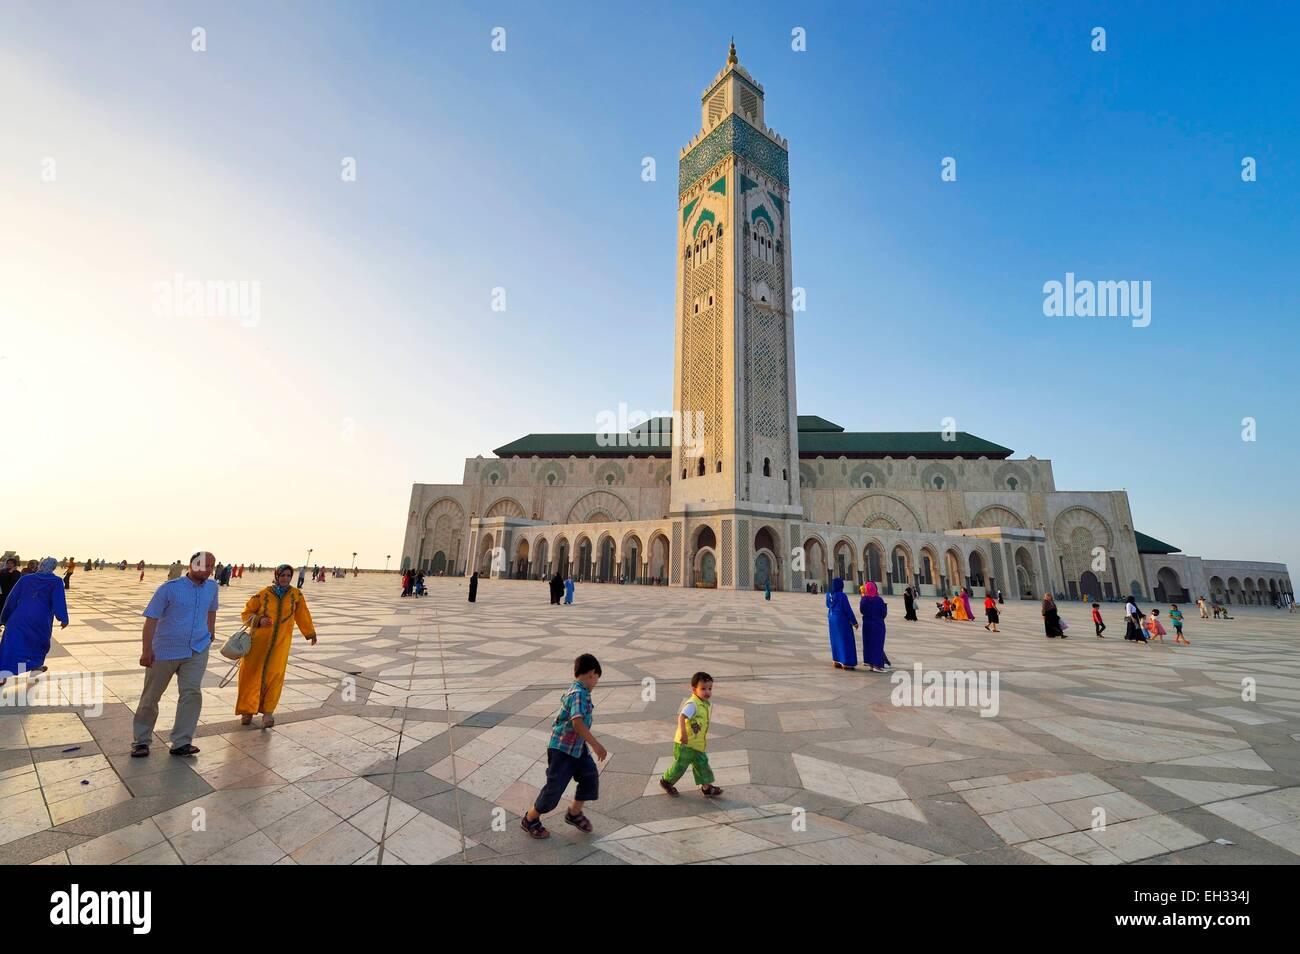 Il Marocco, Casablanca, Gran Moschea di Hassan II Immagini Stock